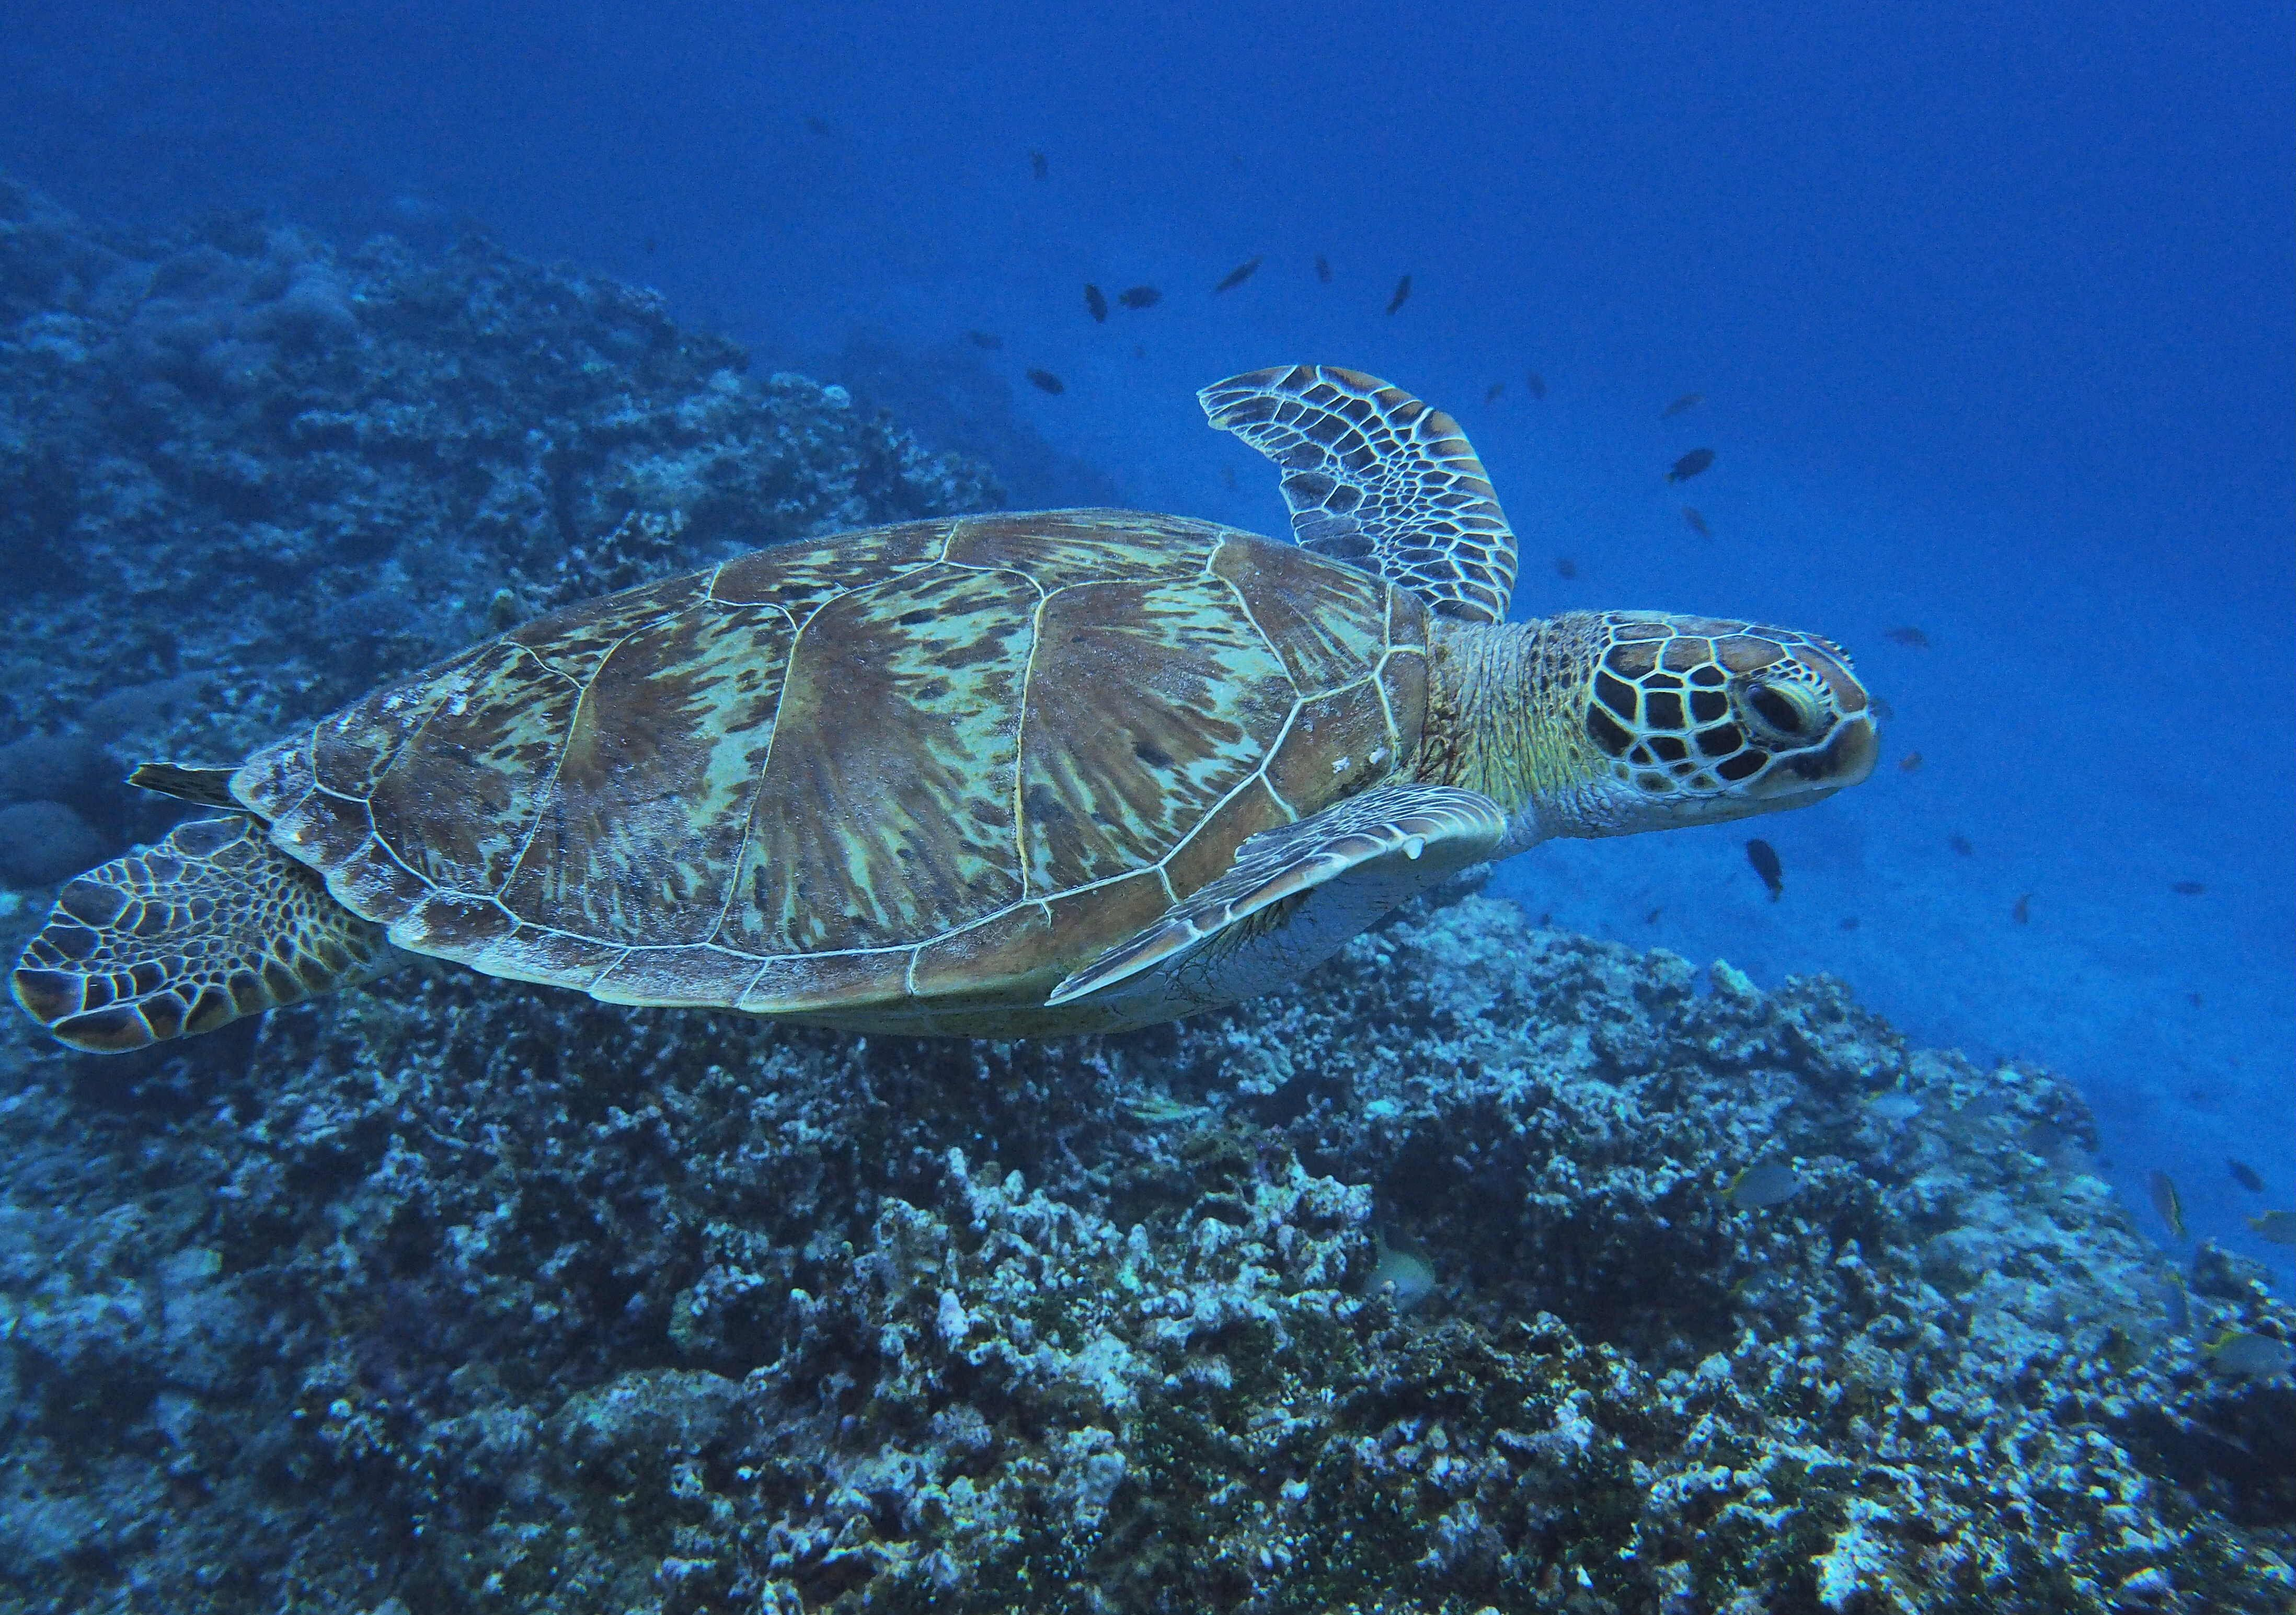 皇室行事に使われたアオウミガメの甲羅。絶滅危惧種なのにどうやって入手?